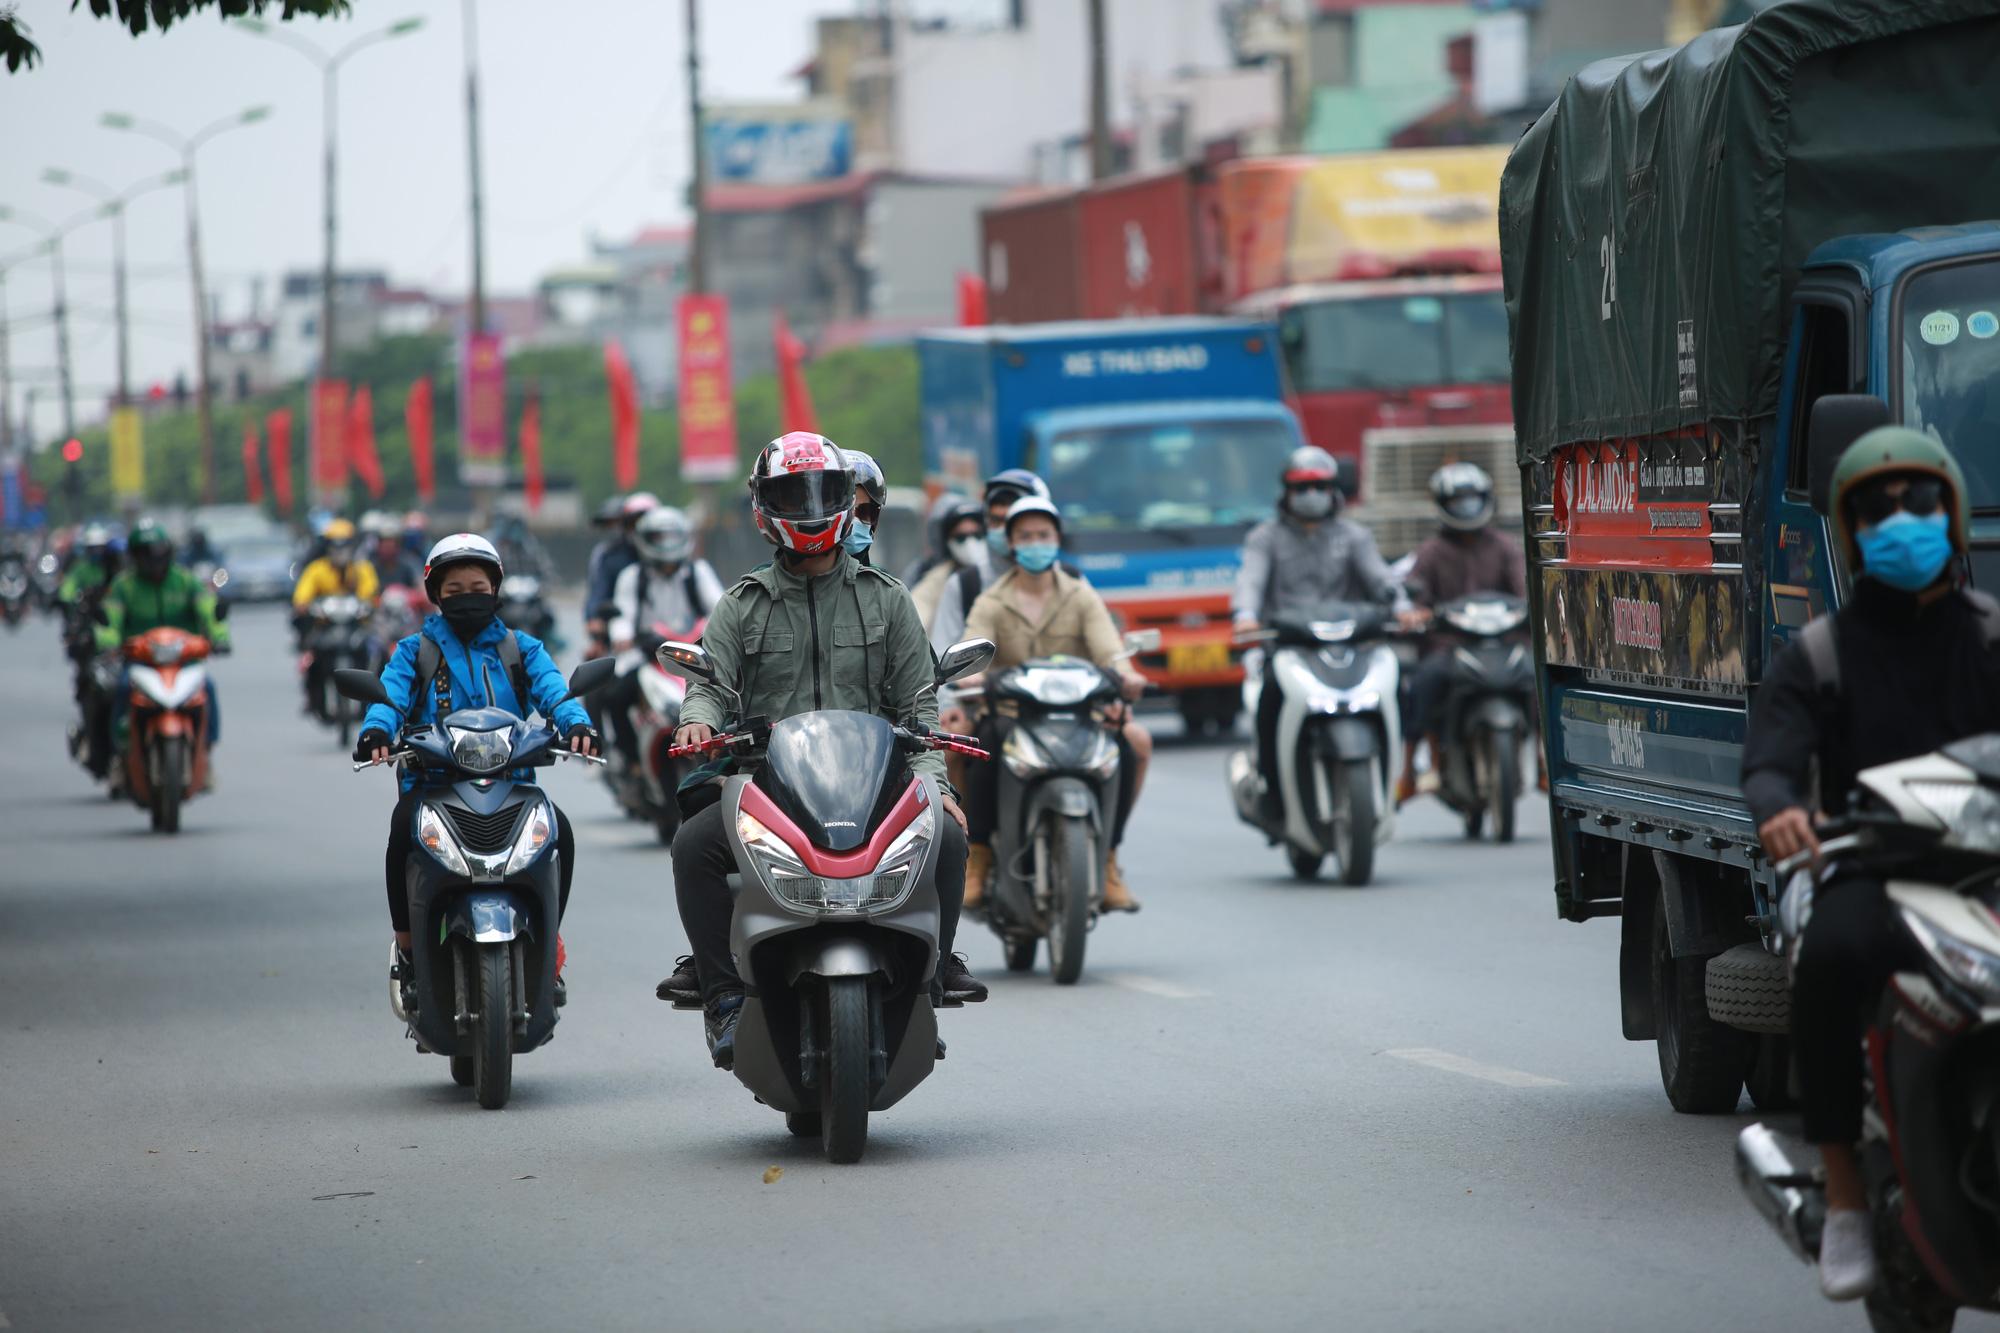 Giao thông cửa ngõ Thủ đô thông thoáng lạ thường ngày cuối kỳ nghỉ lễ 30/4  - Ảnh 4.